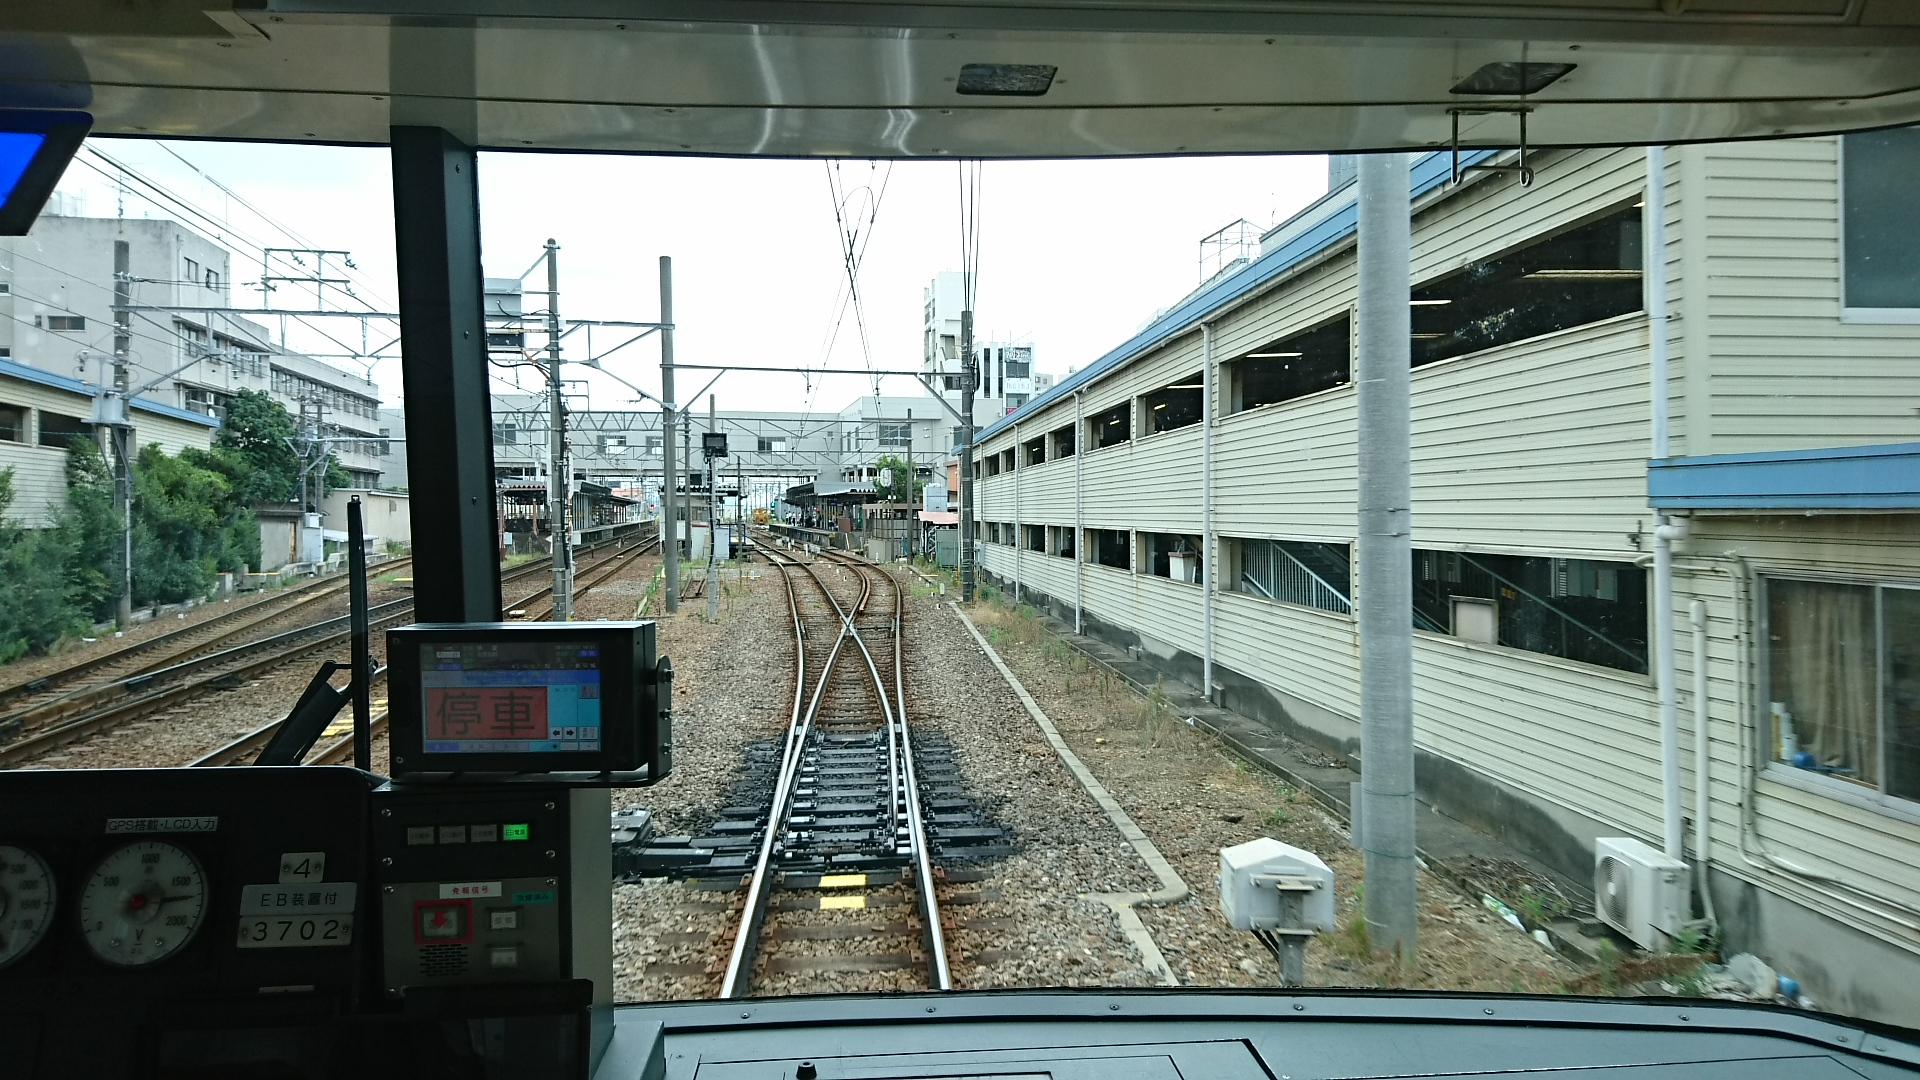 2017.7.27 刈谷 (20) 吉良吉田いき急行 - しんあんじょうで転線 04 1920-1080